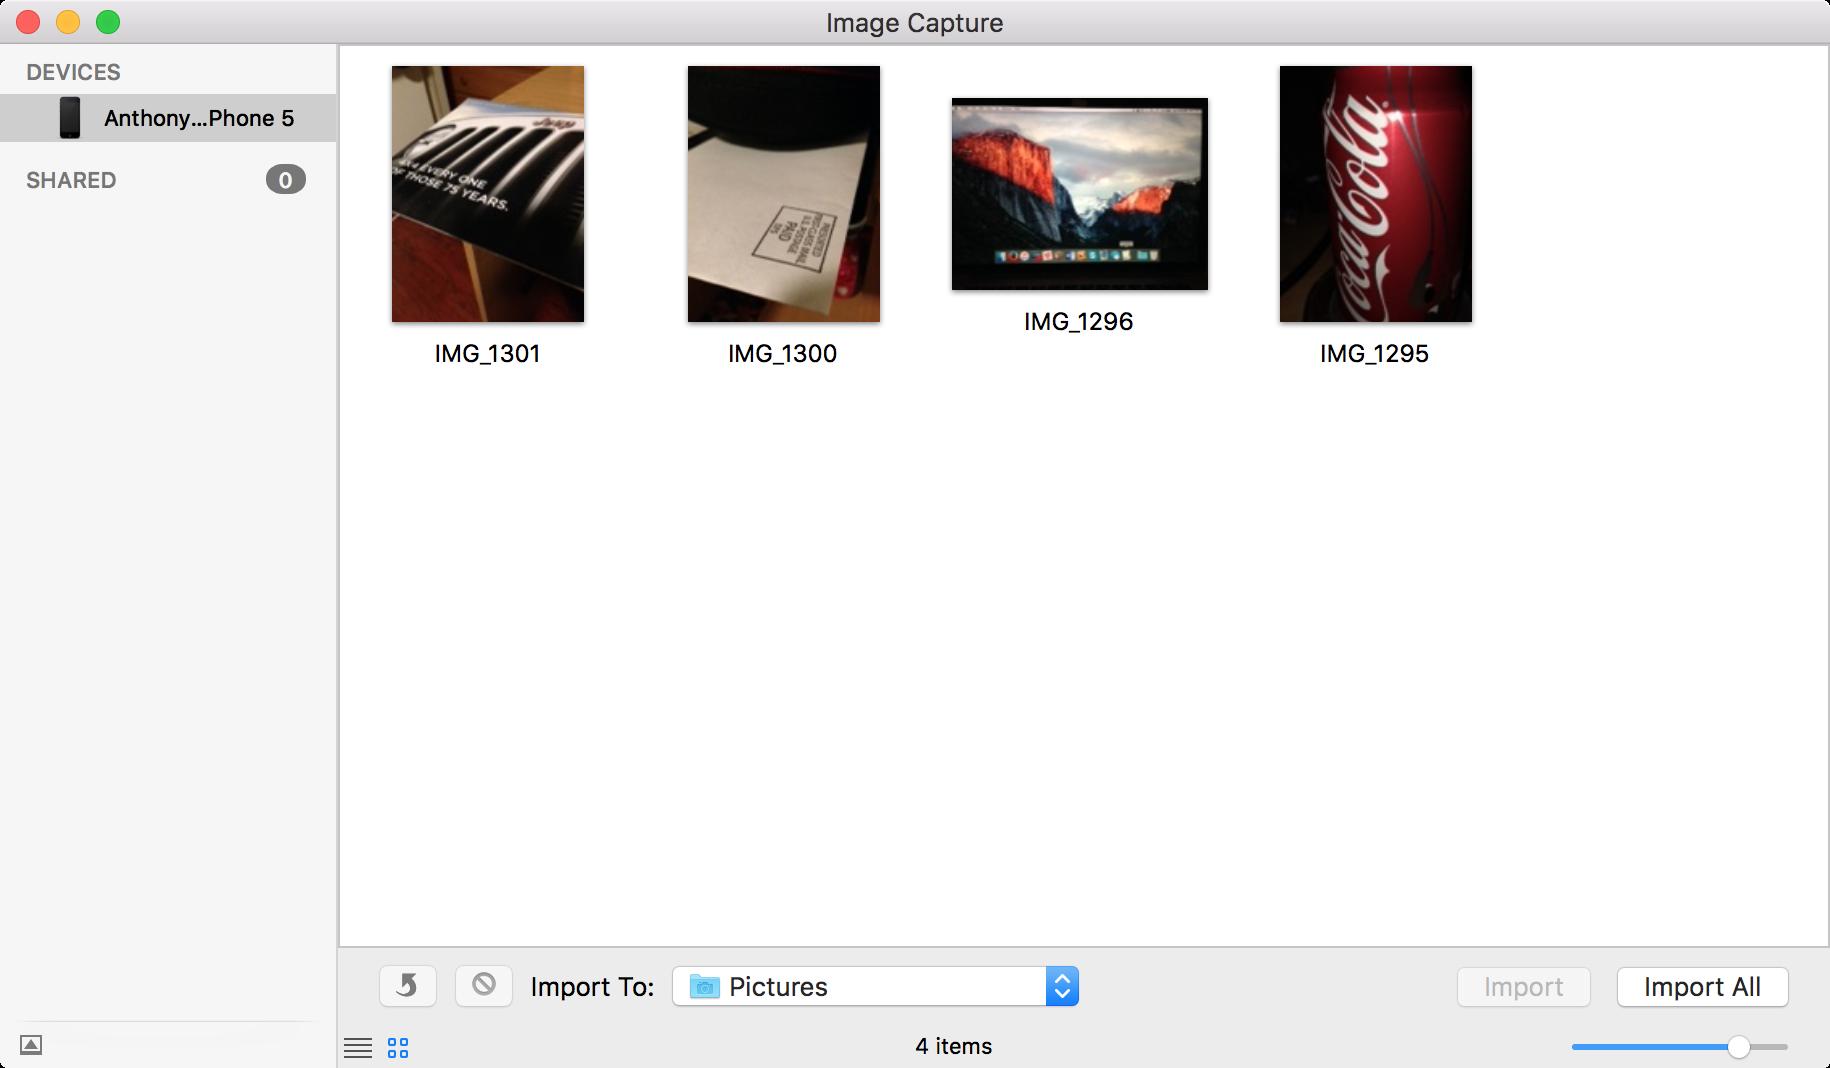 Archivos de captura de imagen eliminados correctamente